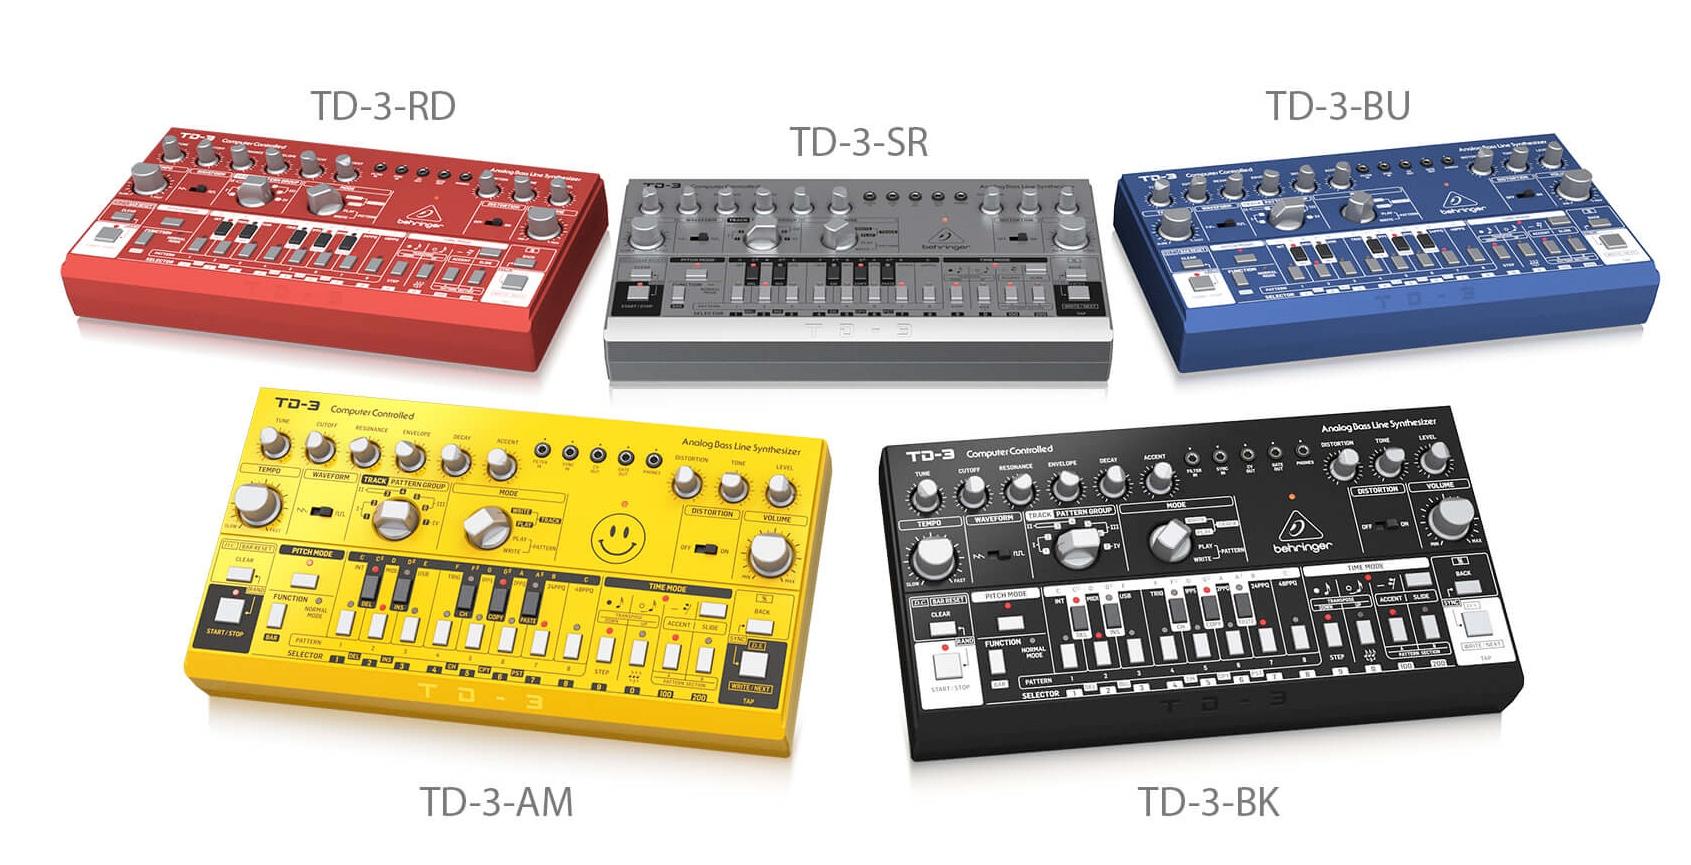 Behringer - TD-3 / TD-3-BU / TD-3-RD / TD-3-SR / TD-3-AM / T